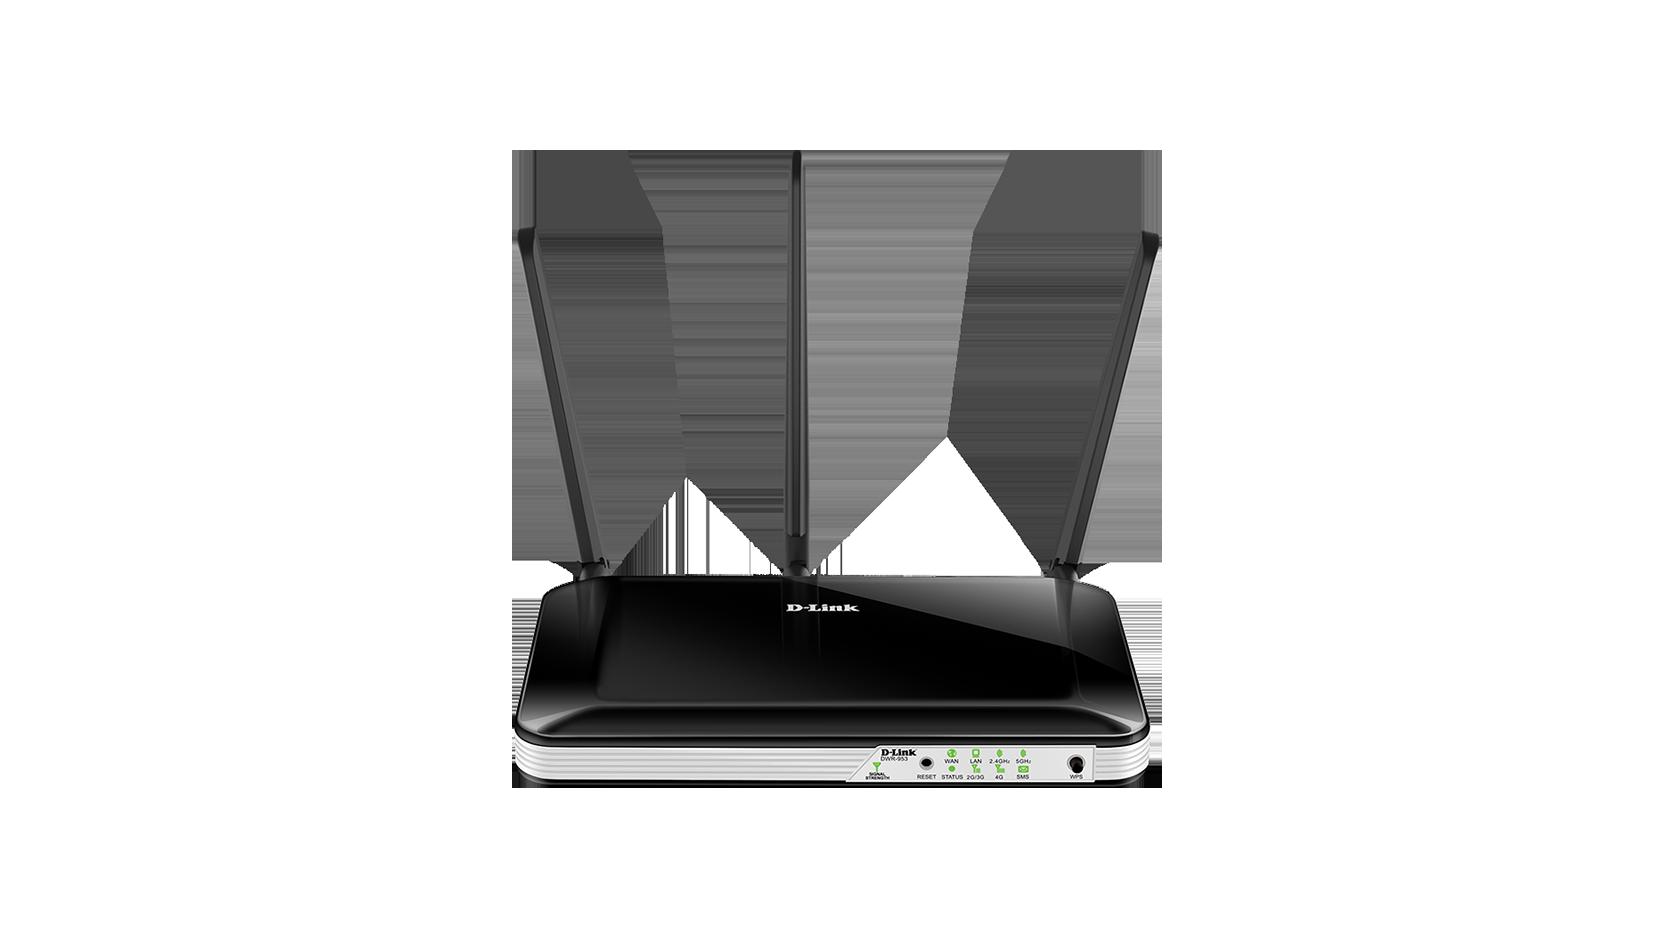 Router D-Link Wireless AC750 4G LTE Multi-WAN modem integrat slot card SIM